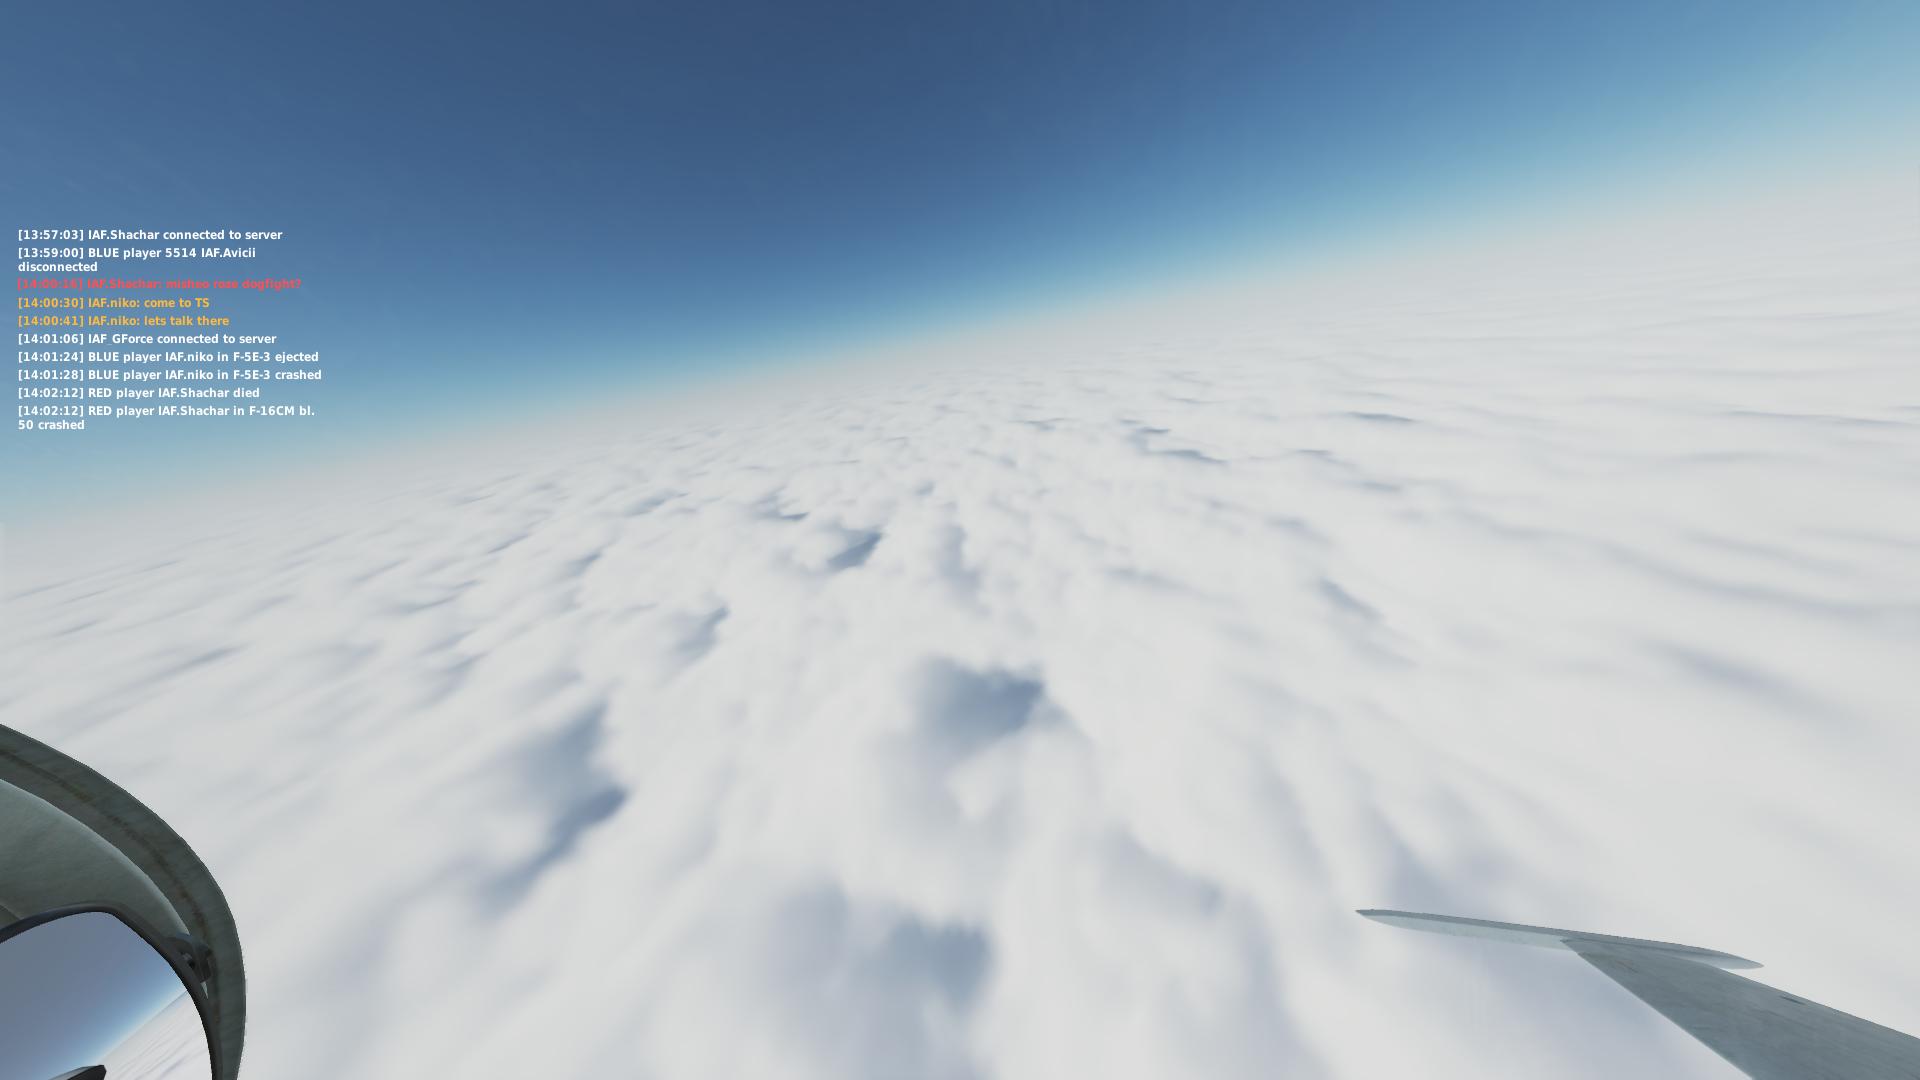 רק אני שם לב שהעננים פתאום יפים יותר?